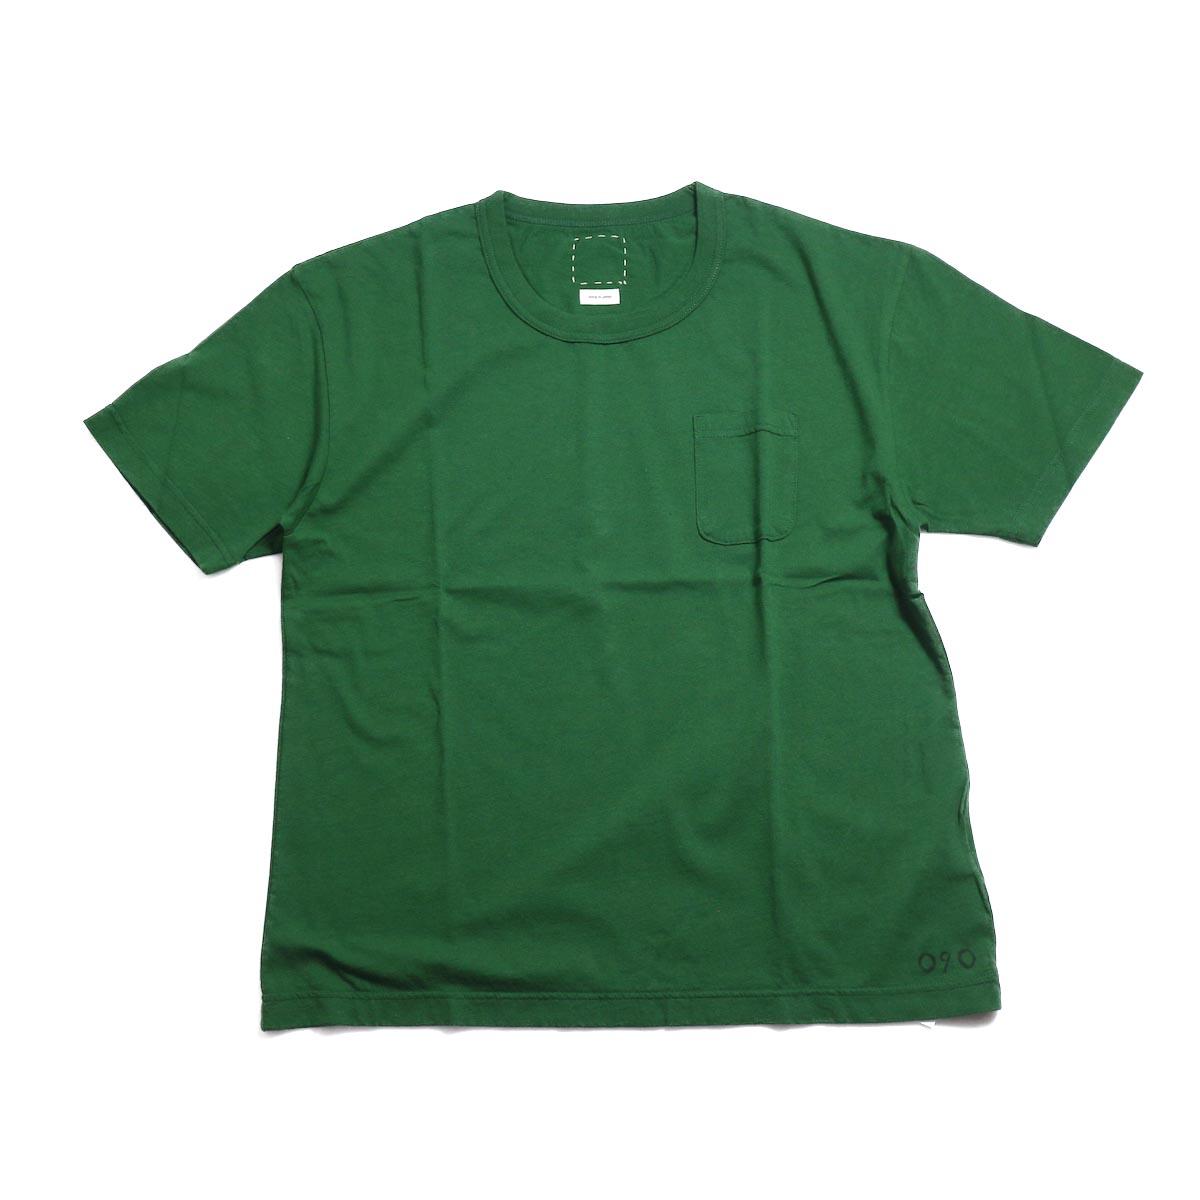 visvim / JUMBO TEE S/S (HAND NUMBERING) -Green